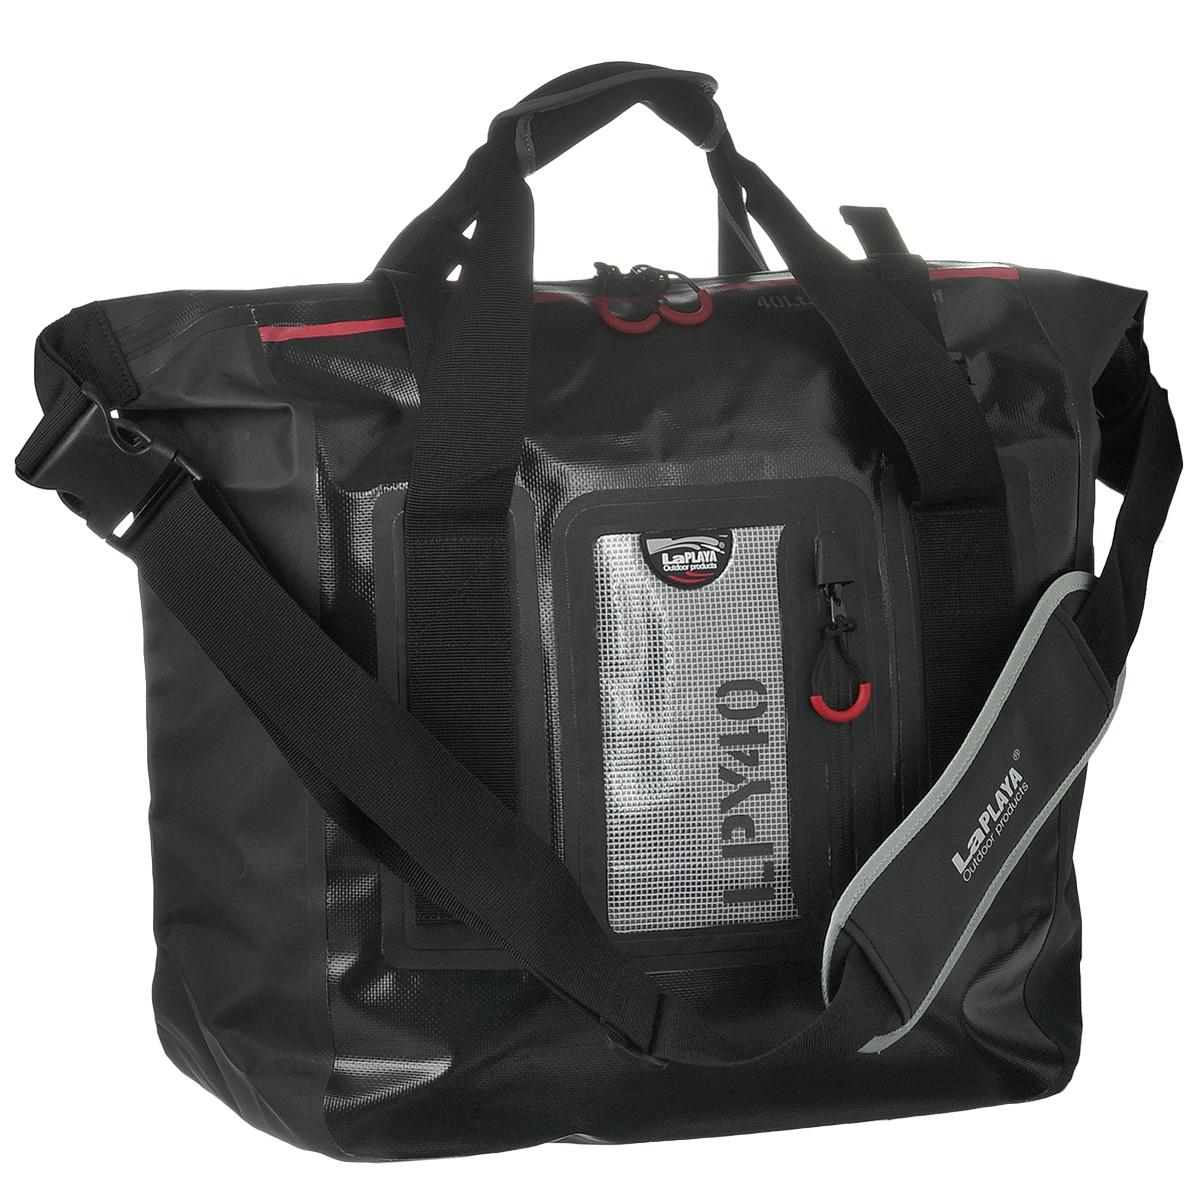 Сумка водонепроницаемая LaPlaya Square Bag, цвет: черный, 40 лMW-1462-01-SR серебристыйВодонепроницаемая сумка LaPlaya Square Bag - незаменимая вещь для любителей туристических походов, кемпингов и отдыха на природе. Сумка выполнена из ПВХ (брезент + сетка). Метод термосварки швов обеспечивает 100% герметичность. Сумка имеет одно вместительное отделение, которое закрывается на водонепроницаемую молнию. Внутри содержится вшитый карман на молнии и 2 сетчатых кармашка. С лицевой стороны сумки расположен прозрачный карман, также с водонепроницаемой молнией, удобный для хранения документов, билетов и других бумаг. Сумка компактная, практичная и очень удобная, она снабжена плечевым ремнем с мягкой вставкой для плеча, а также двумя ручками. На ручках и ремне имеются светоотражающие элементы. Такая сумка - просто находка для экстремалов и любителей проводить много времени на открытом воздухе. LaPlaya DRY BAG - это функциональный и минималистичный дизайн, прочный материал и высокое качество технологии производства. Это все, что необходимо для выбора идеального партнера в вопросе экипировки для активного отдыха, открытых спортивных мероприятий и настоящих приключений, не зависящих от погодных условий.